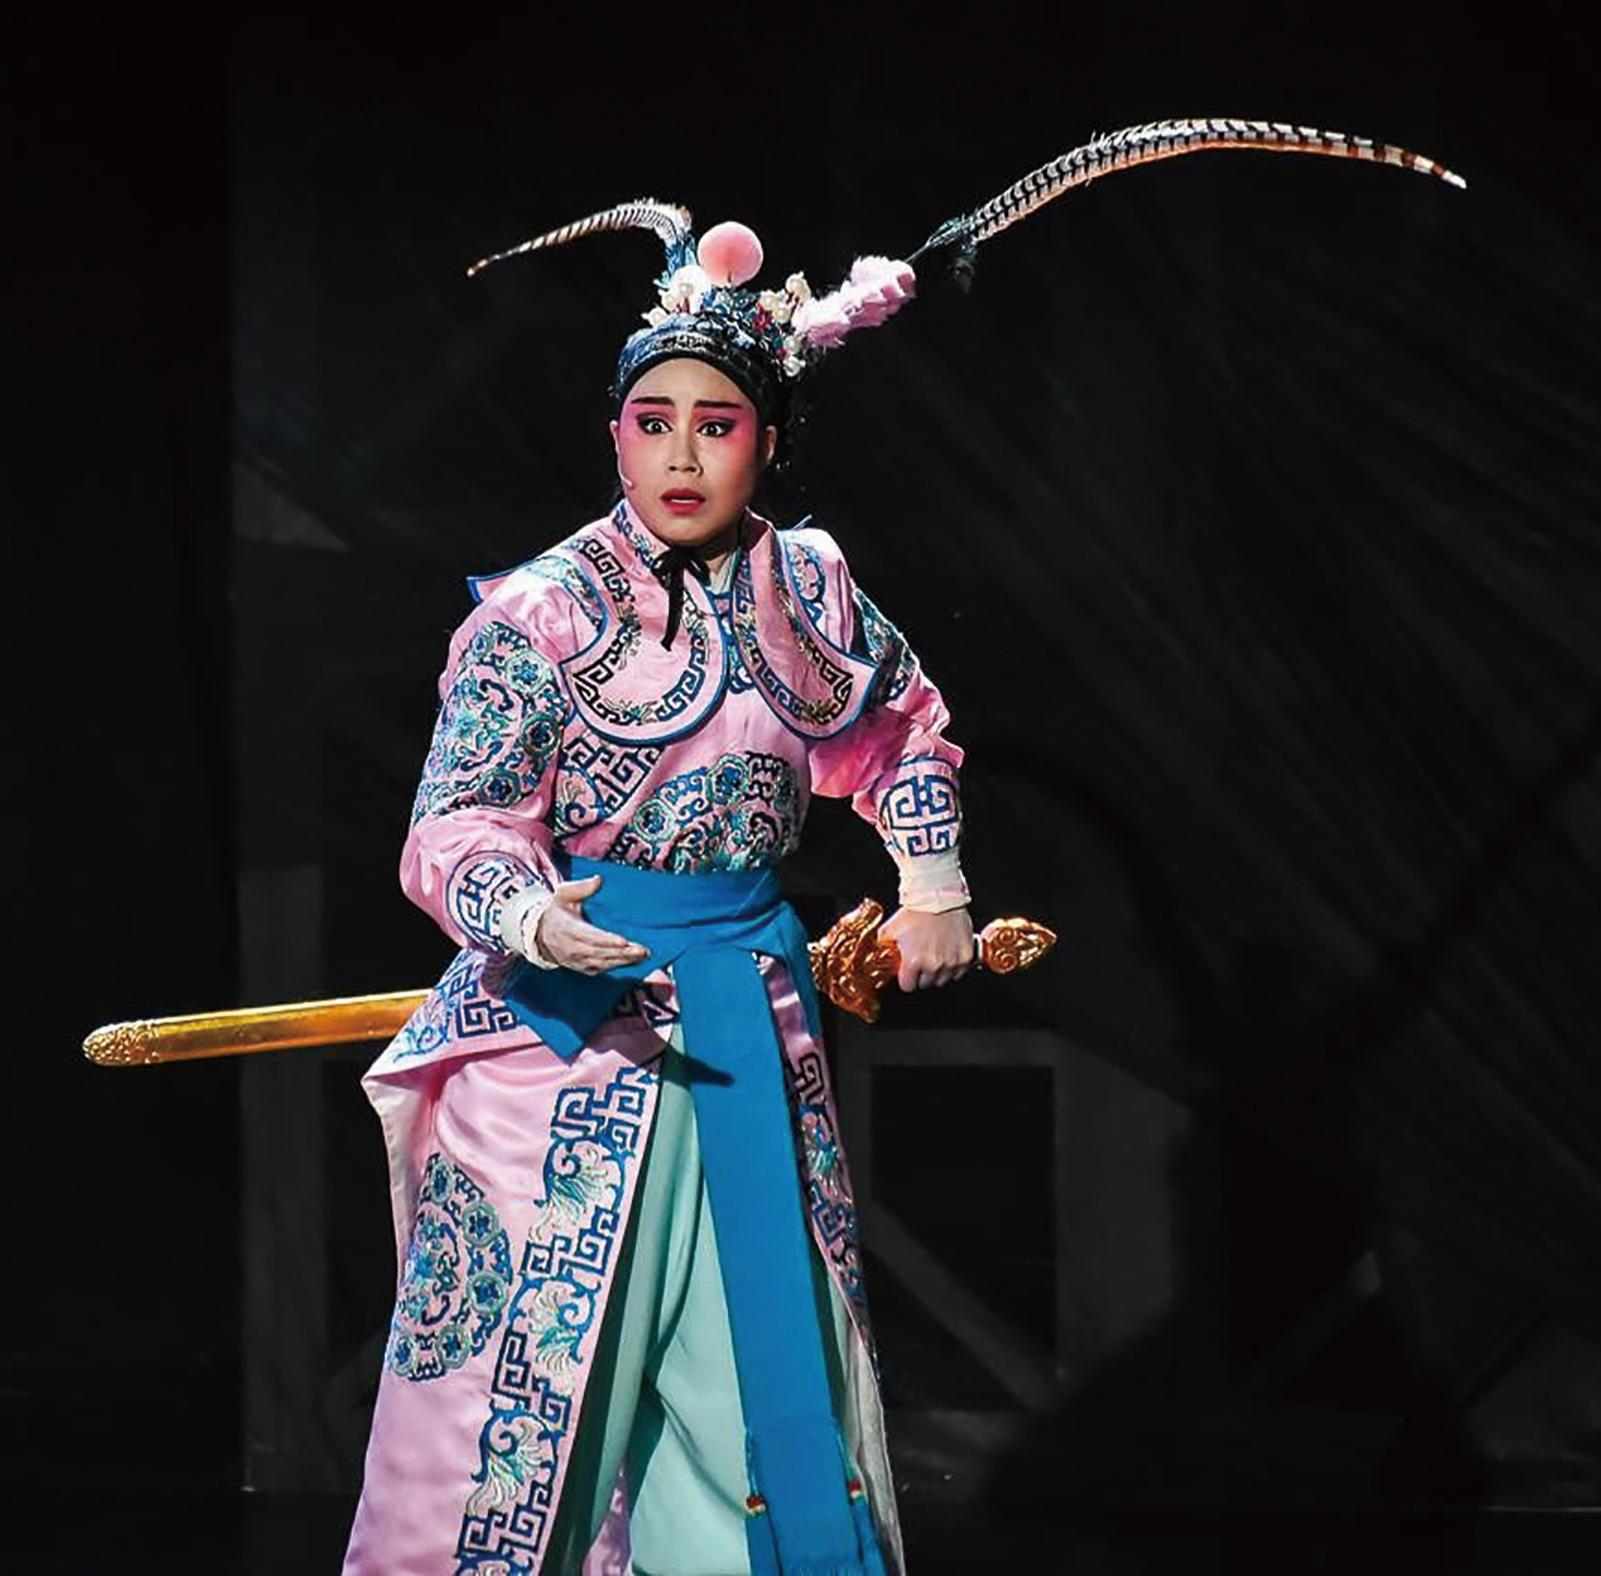 劇校坐科十二年,79年次的江亭瑩在大學時就已打定主意,人生除了歌仔戲沒有第二條路。.png